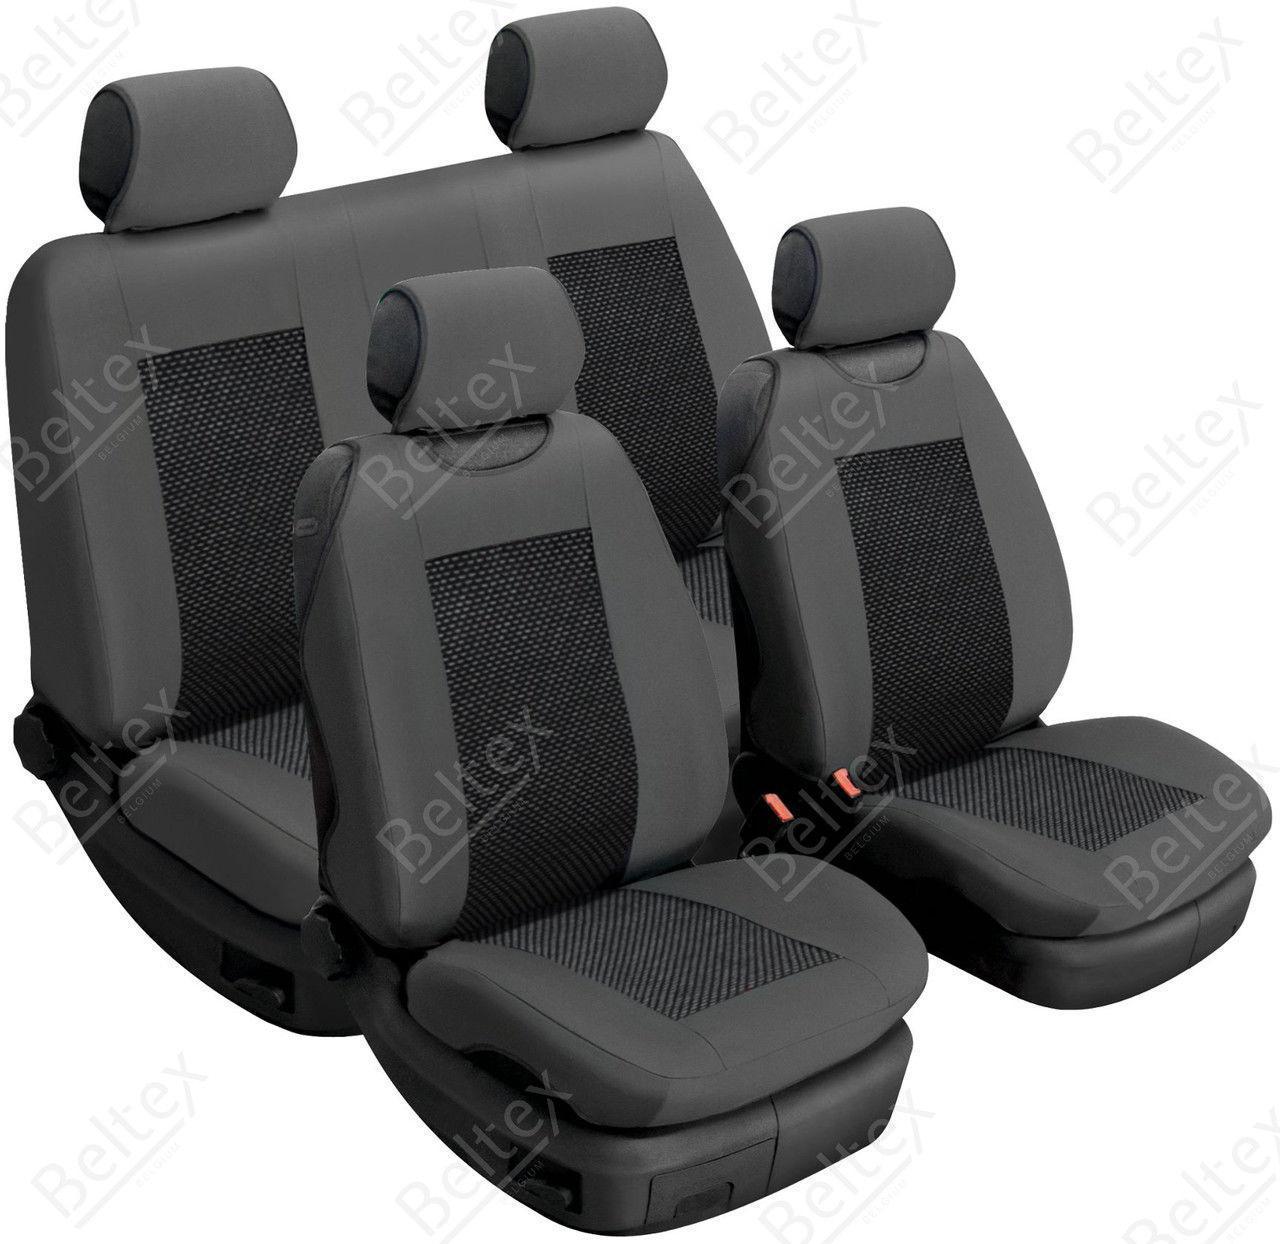 Майки/чехлы на сиденья Опель Вектра А (Opel Vectra A)